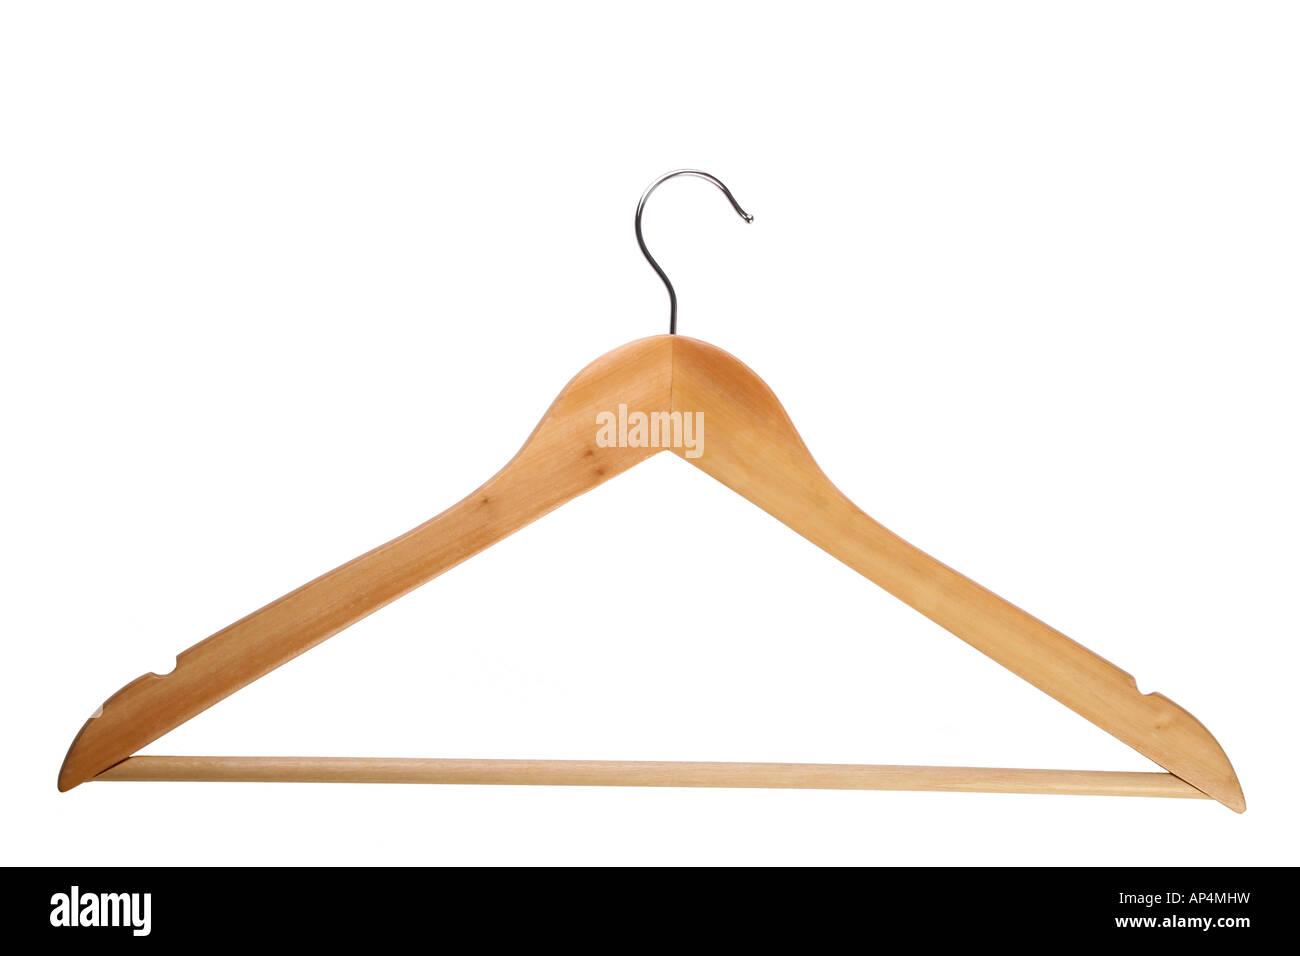 Hölzerne Kleiderbügel isoliert auf weiss Stockbild